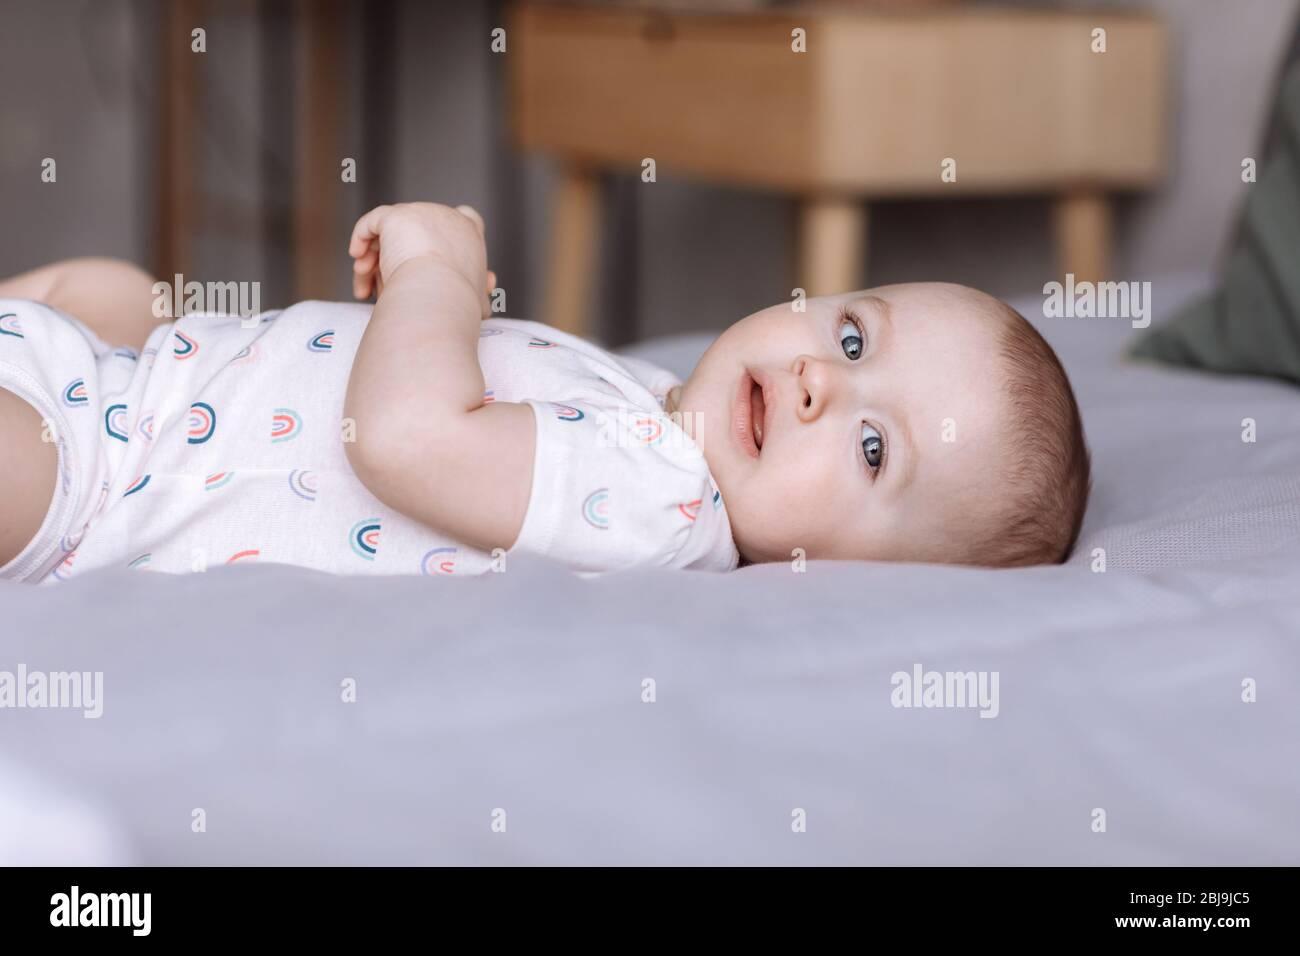 portrait de la petite fille mignonne de bébé se trouve sur le lit dans la chambre à la maison. concept de bonne enfance Banque D'Images